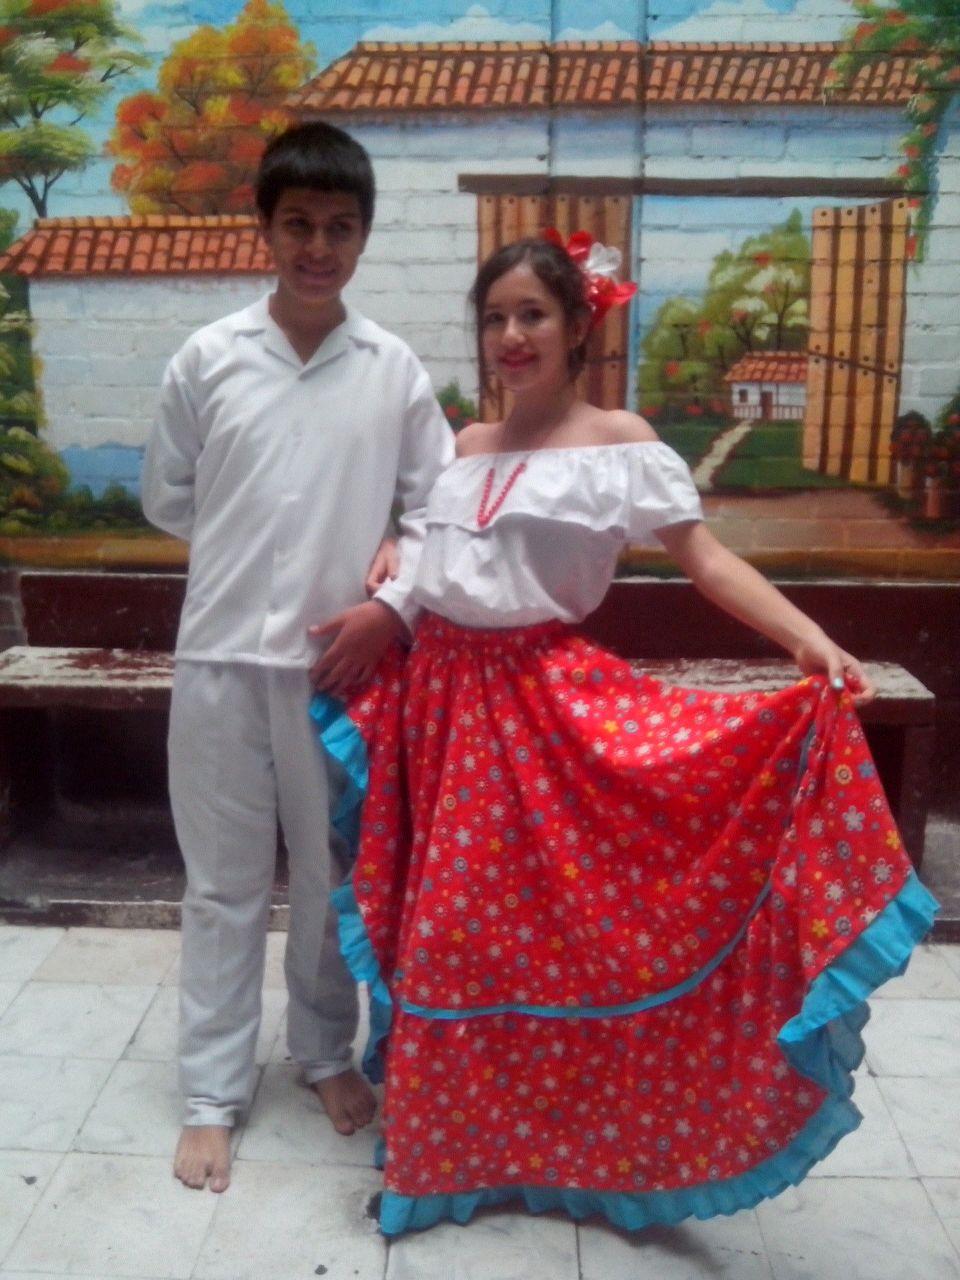 ACTIVIDADES DE DANZA Y PRESENTACIONES ARTÍSTICAS EN EL 2016